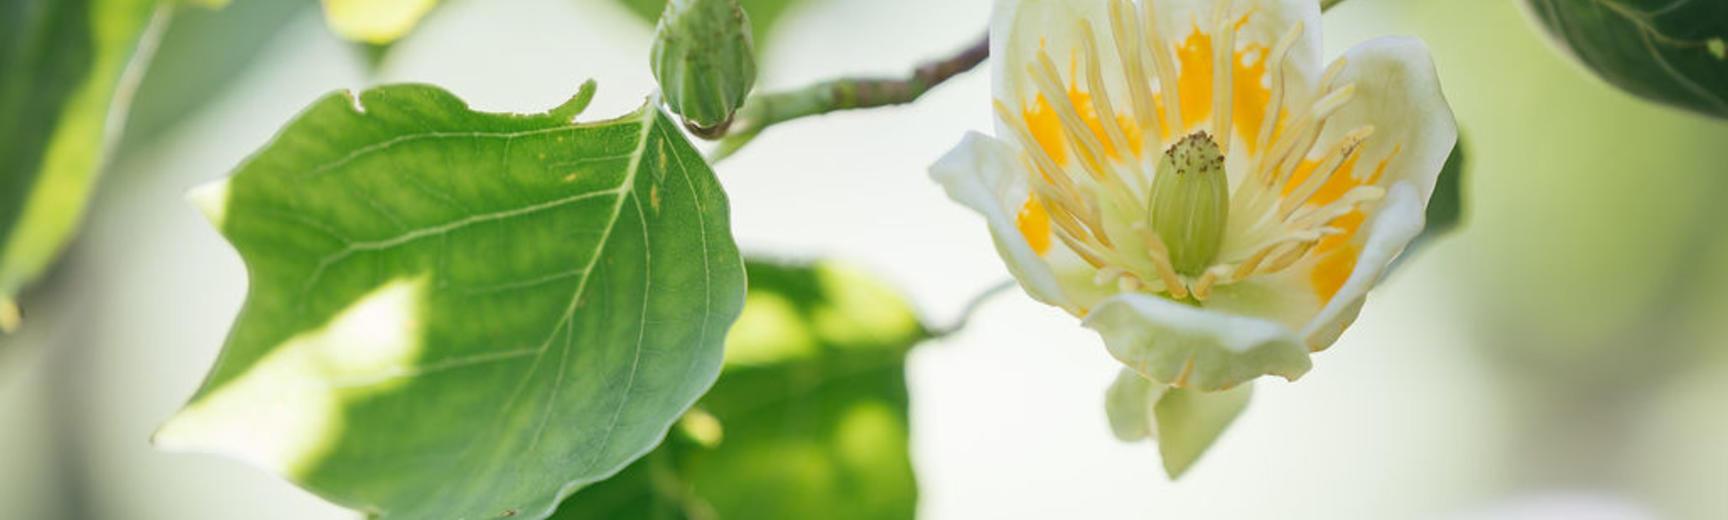 botanicgardensopeningbyianwallman 5683